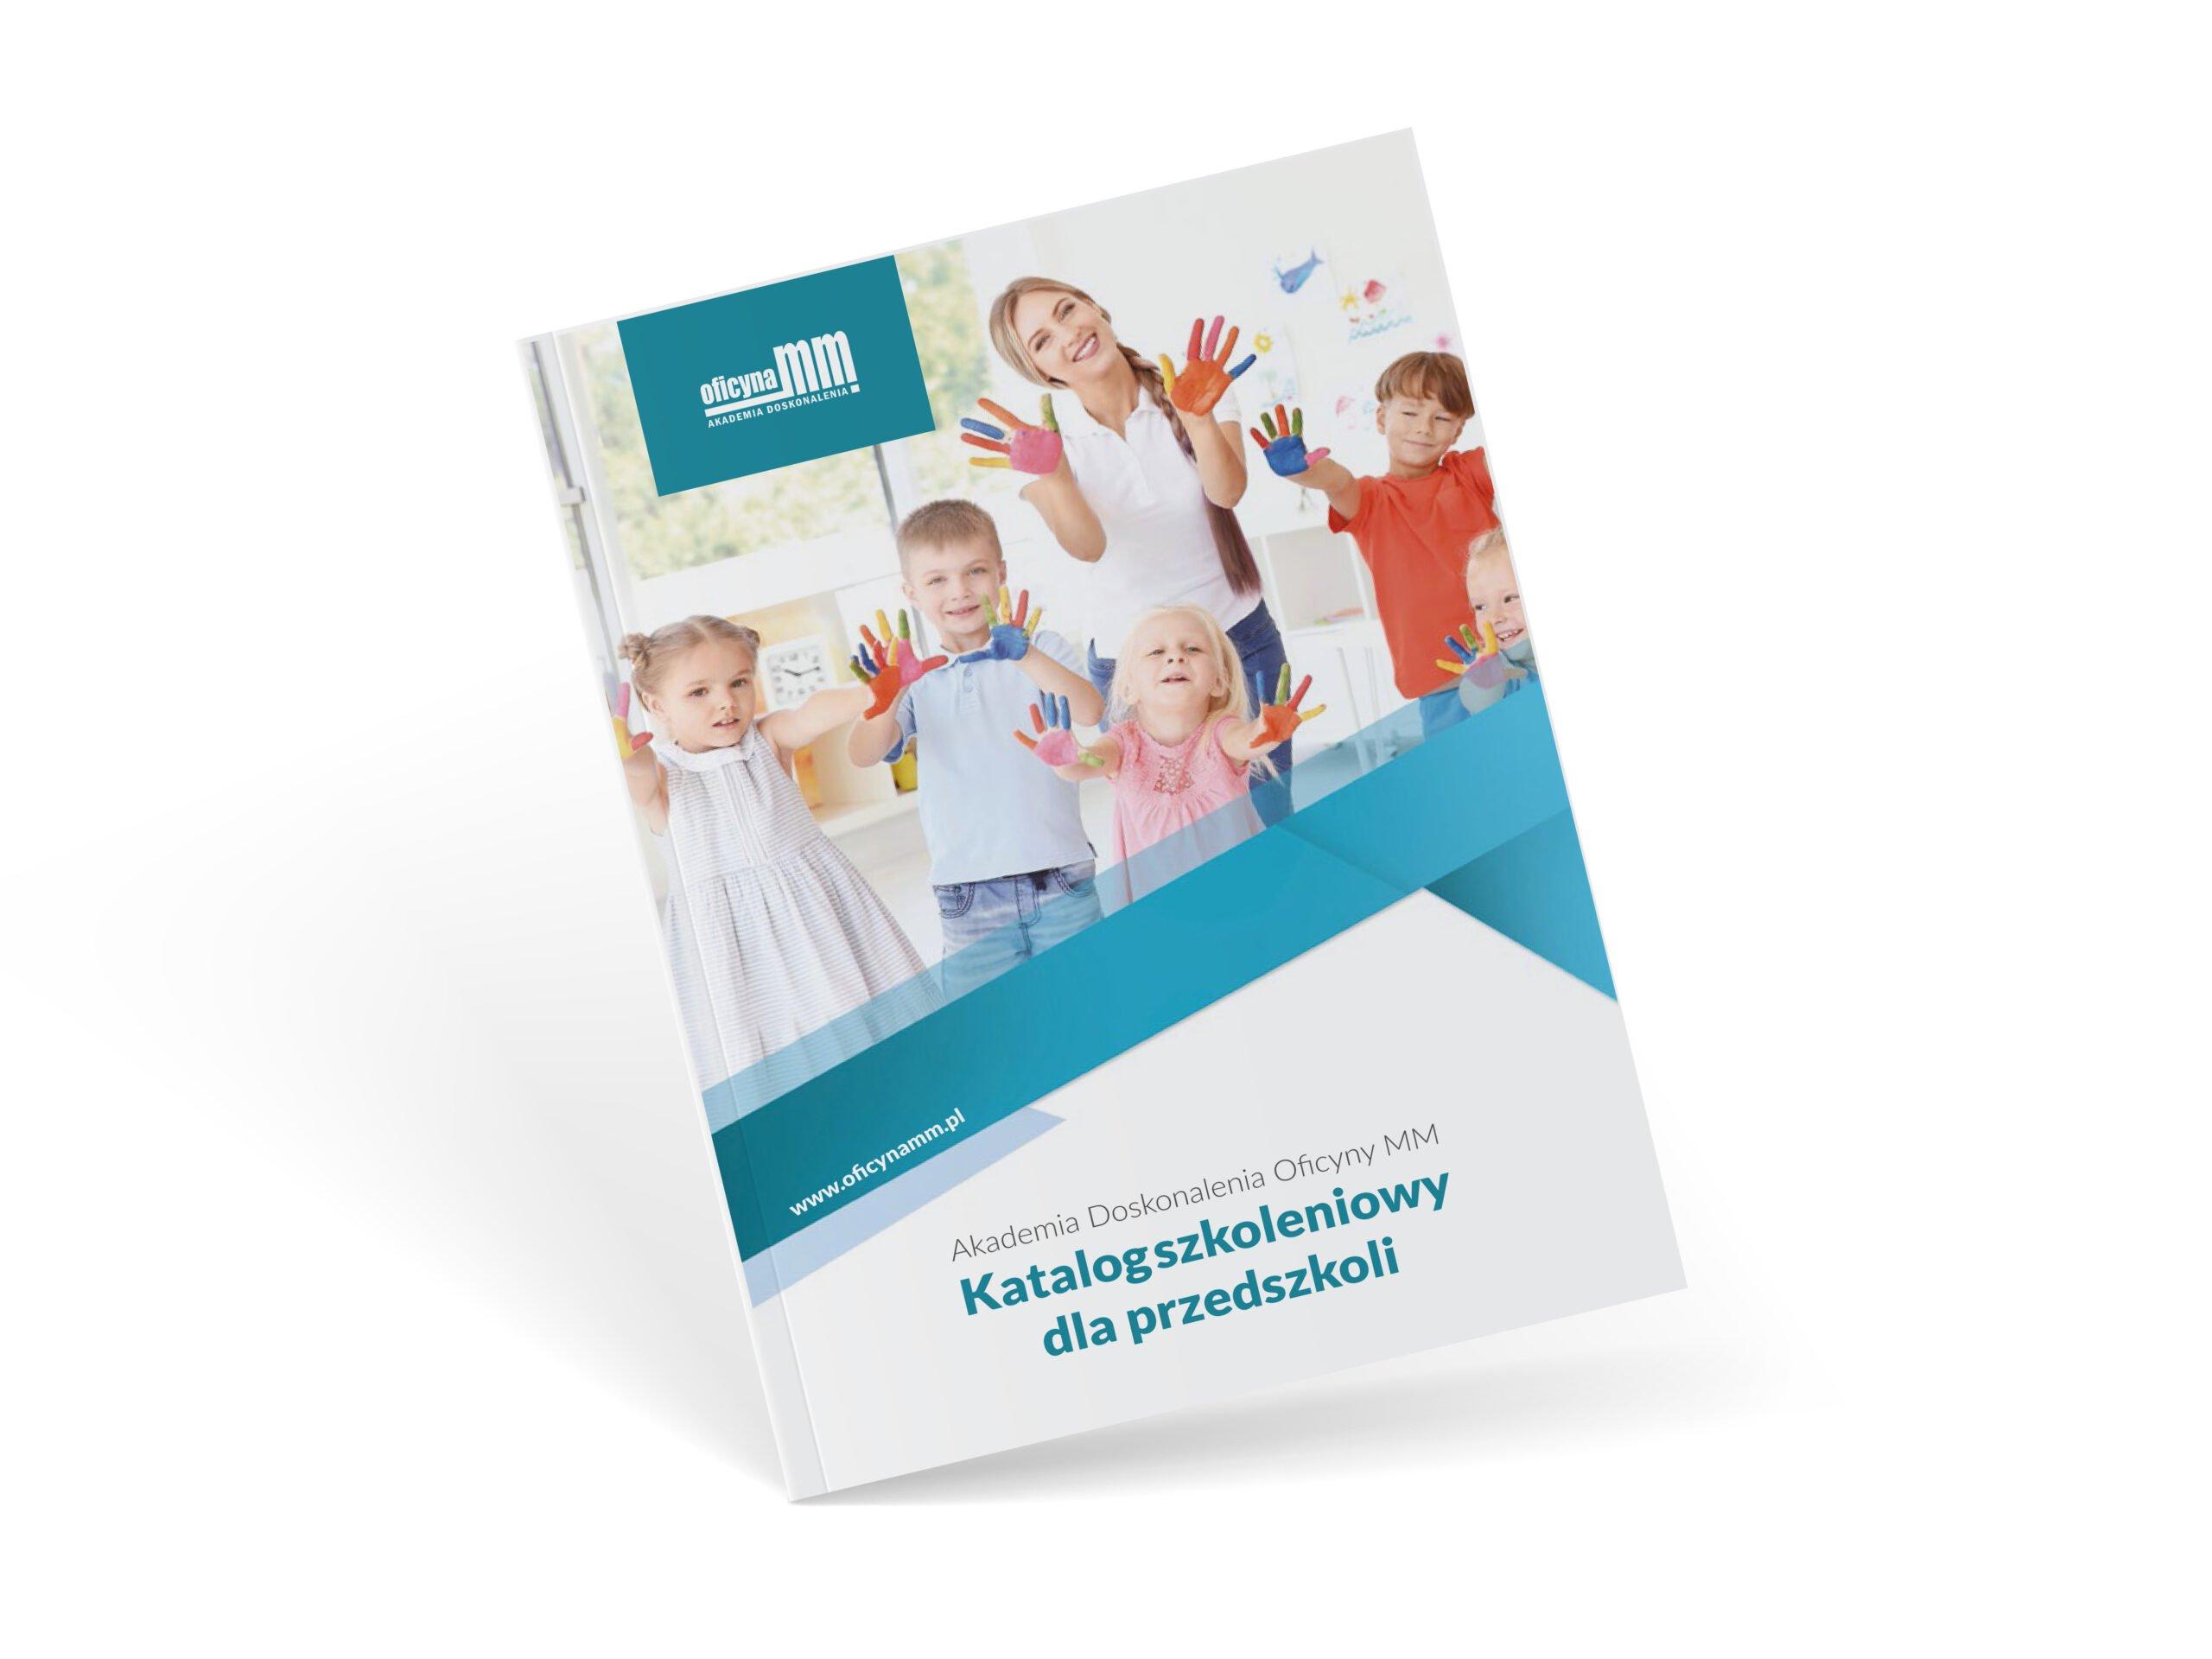 katalog szkoleń dla przedszkoli